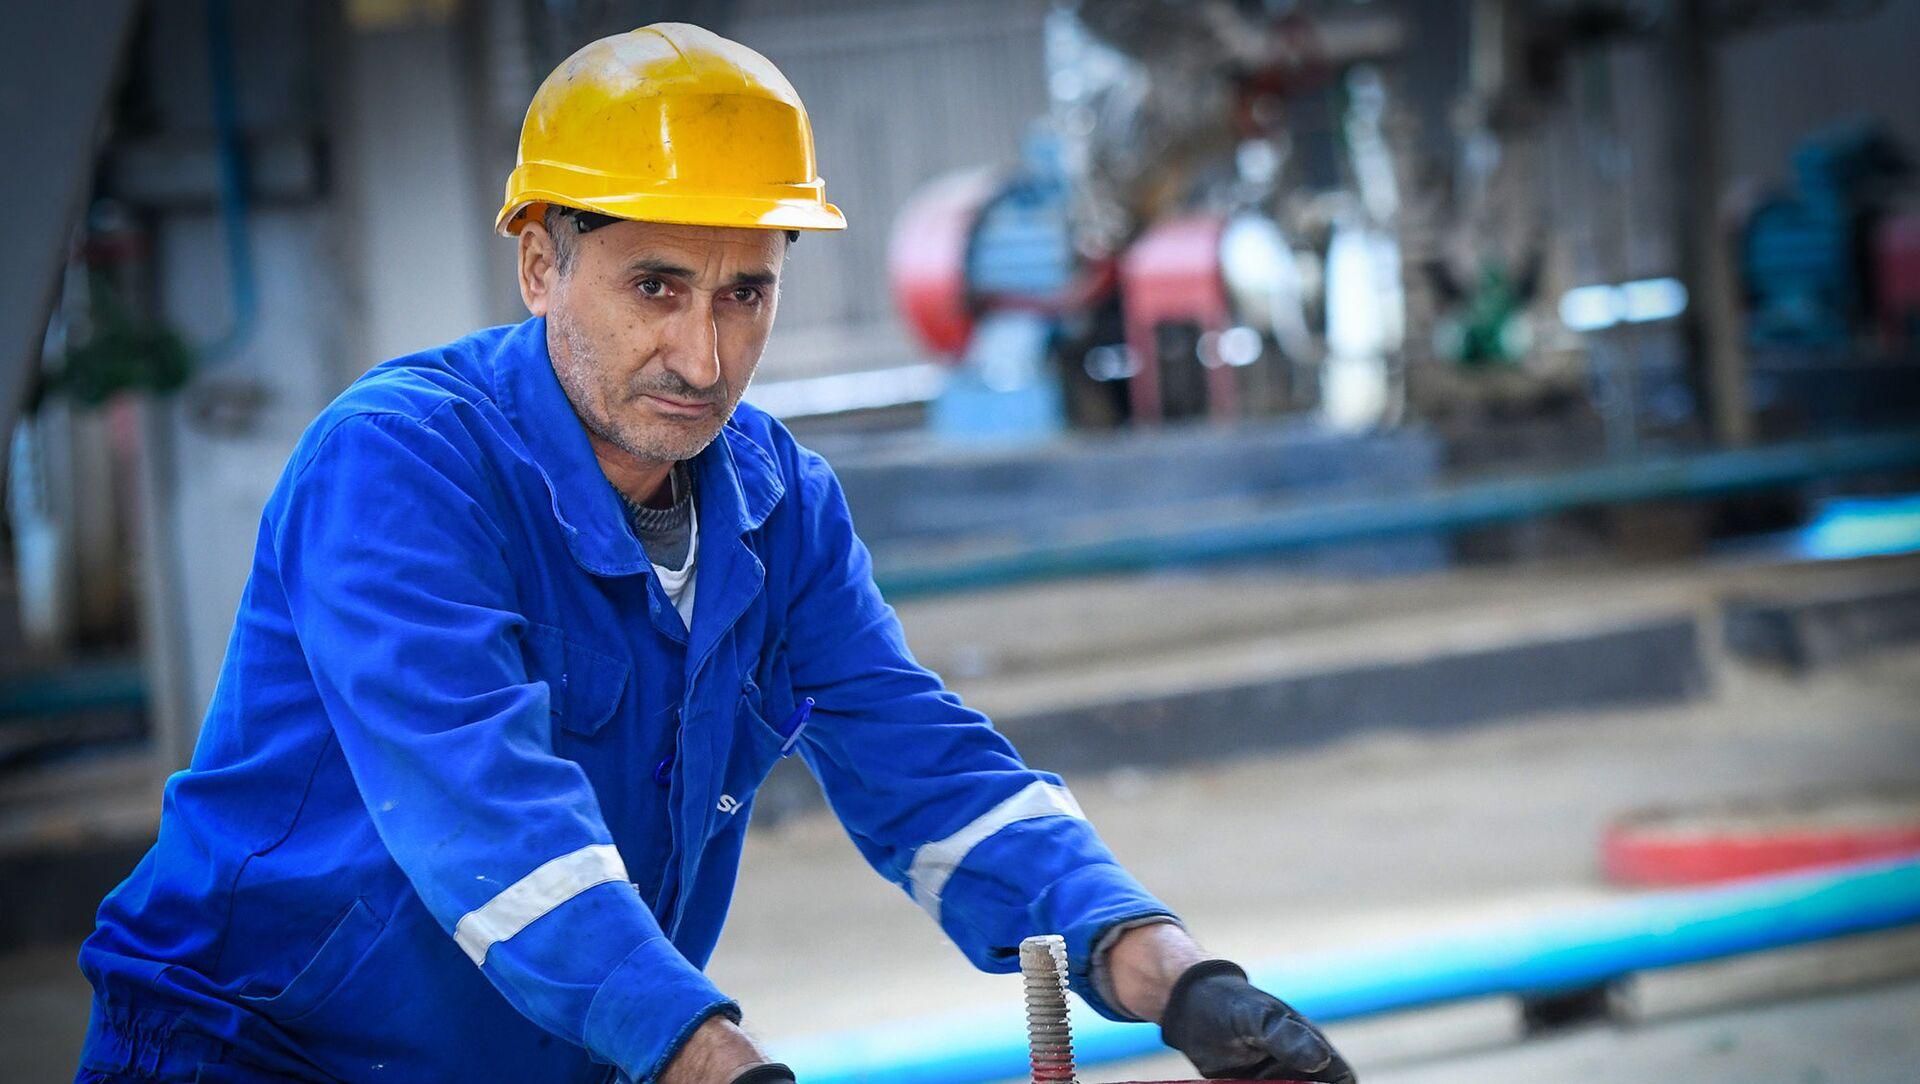 Бакинский нефтеперерабатывающий завод имени Гейдара Алиева - Sputnik Азербайджан, 1920, 17.07.2021